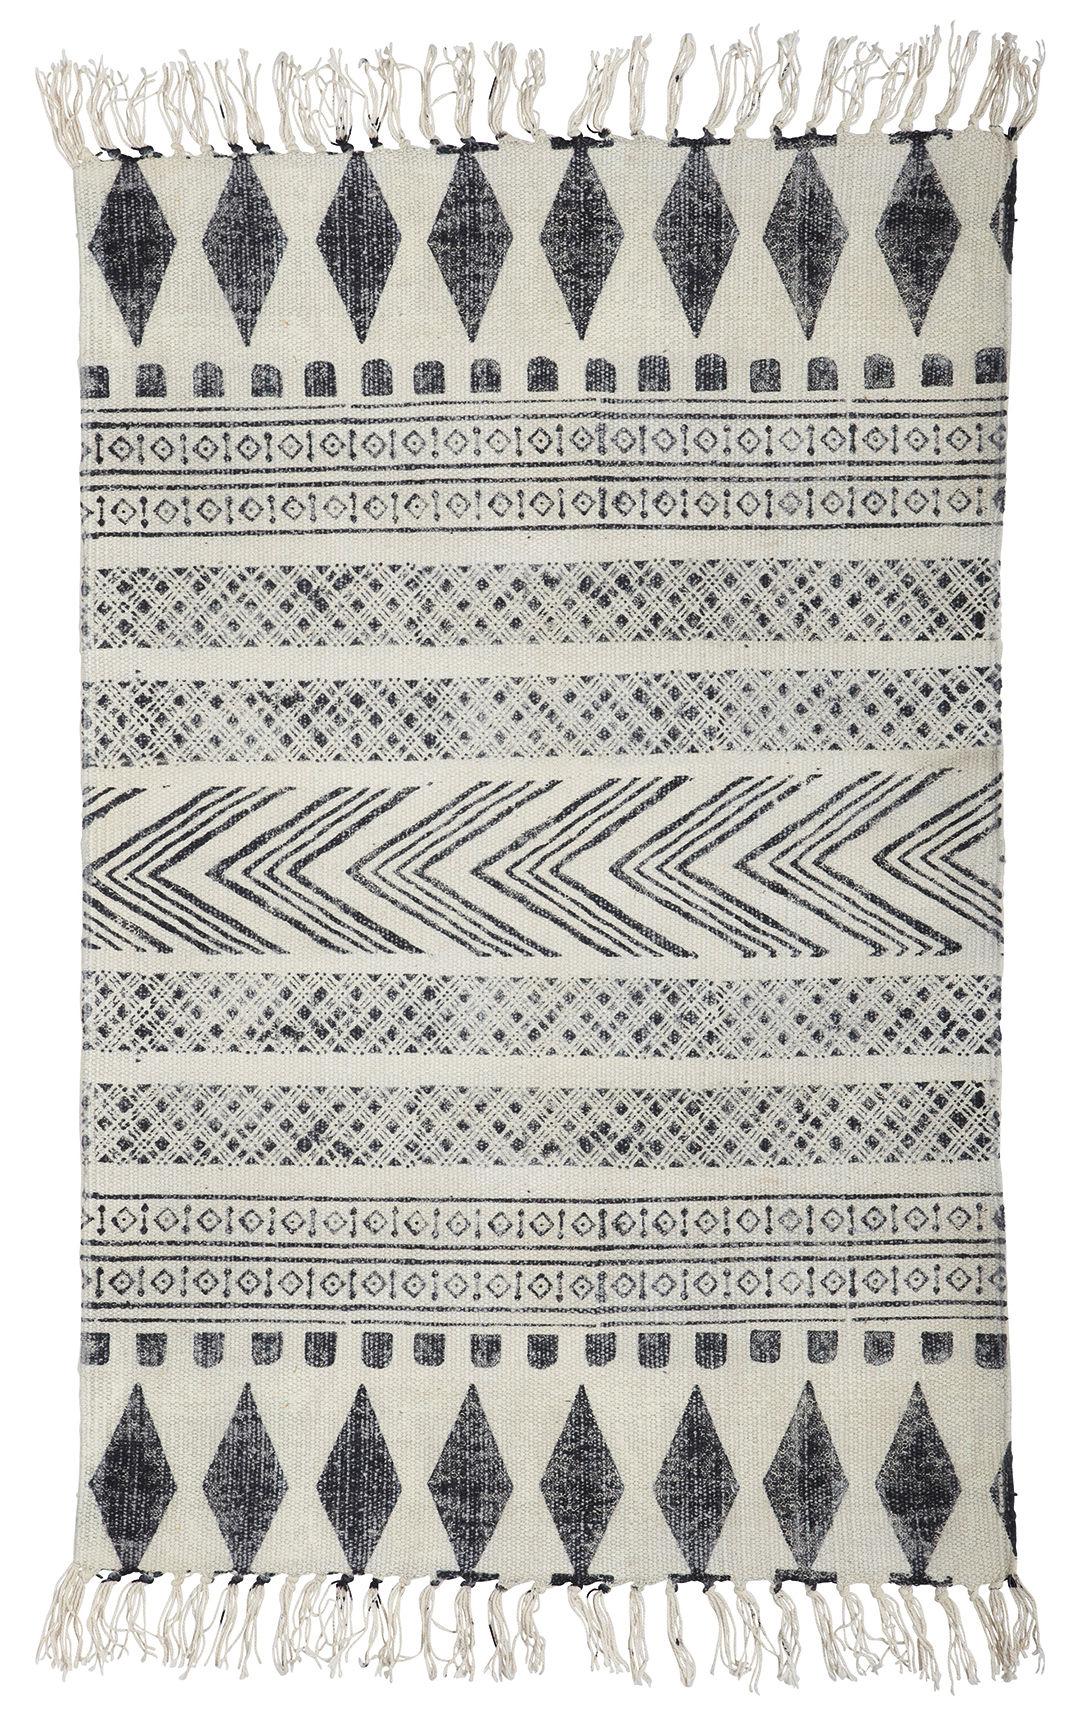 Déco - Tapis - Tapis Block / 90 x 200 cm - House Doctor - Block / gris & noir - Coton